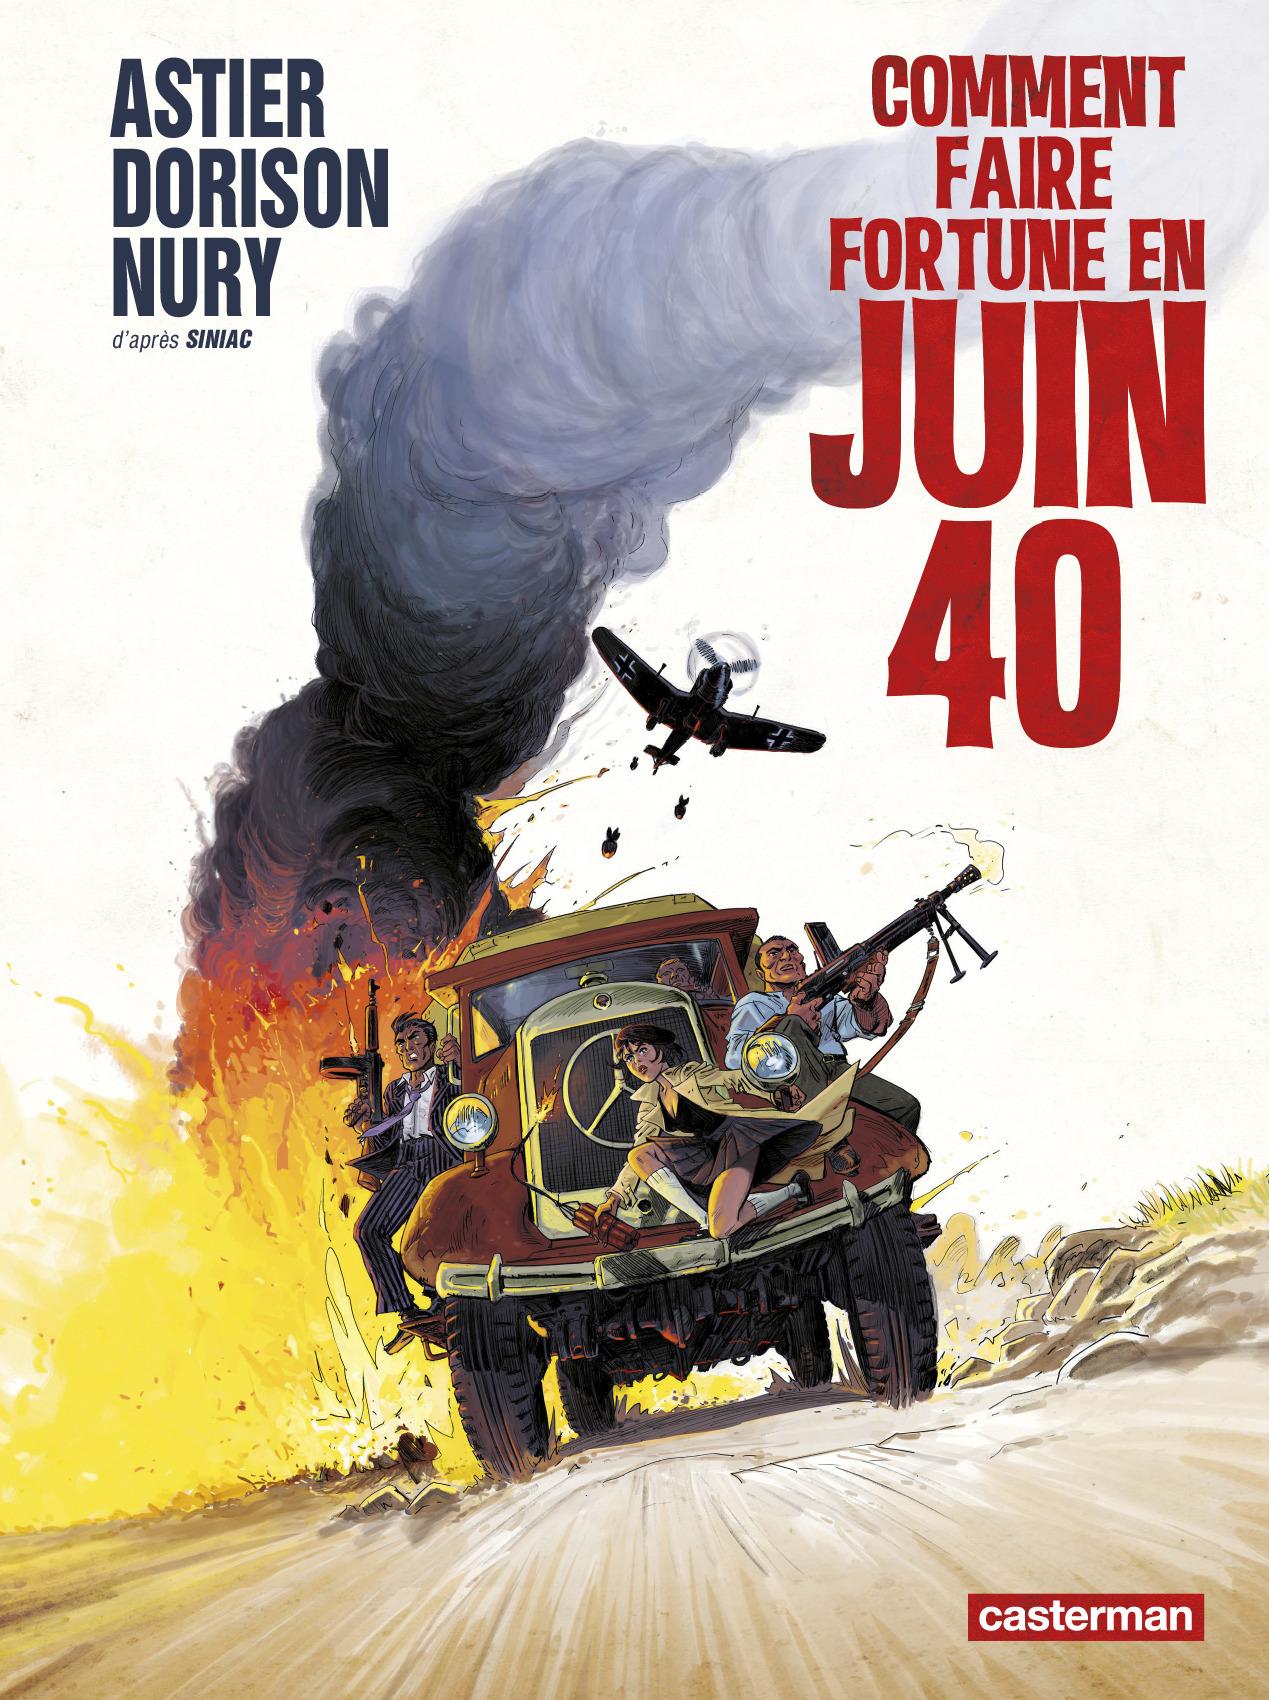 COMMENT FAIRE FORTUNE EN JUIN 40 - LIBREMENT ADAPTE DE SOUS L'AILE NOIRE DES RAPACES DE PIERRE SIN